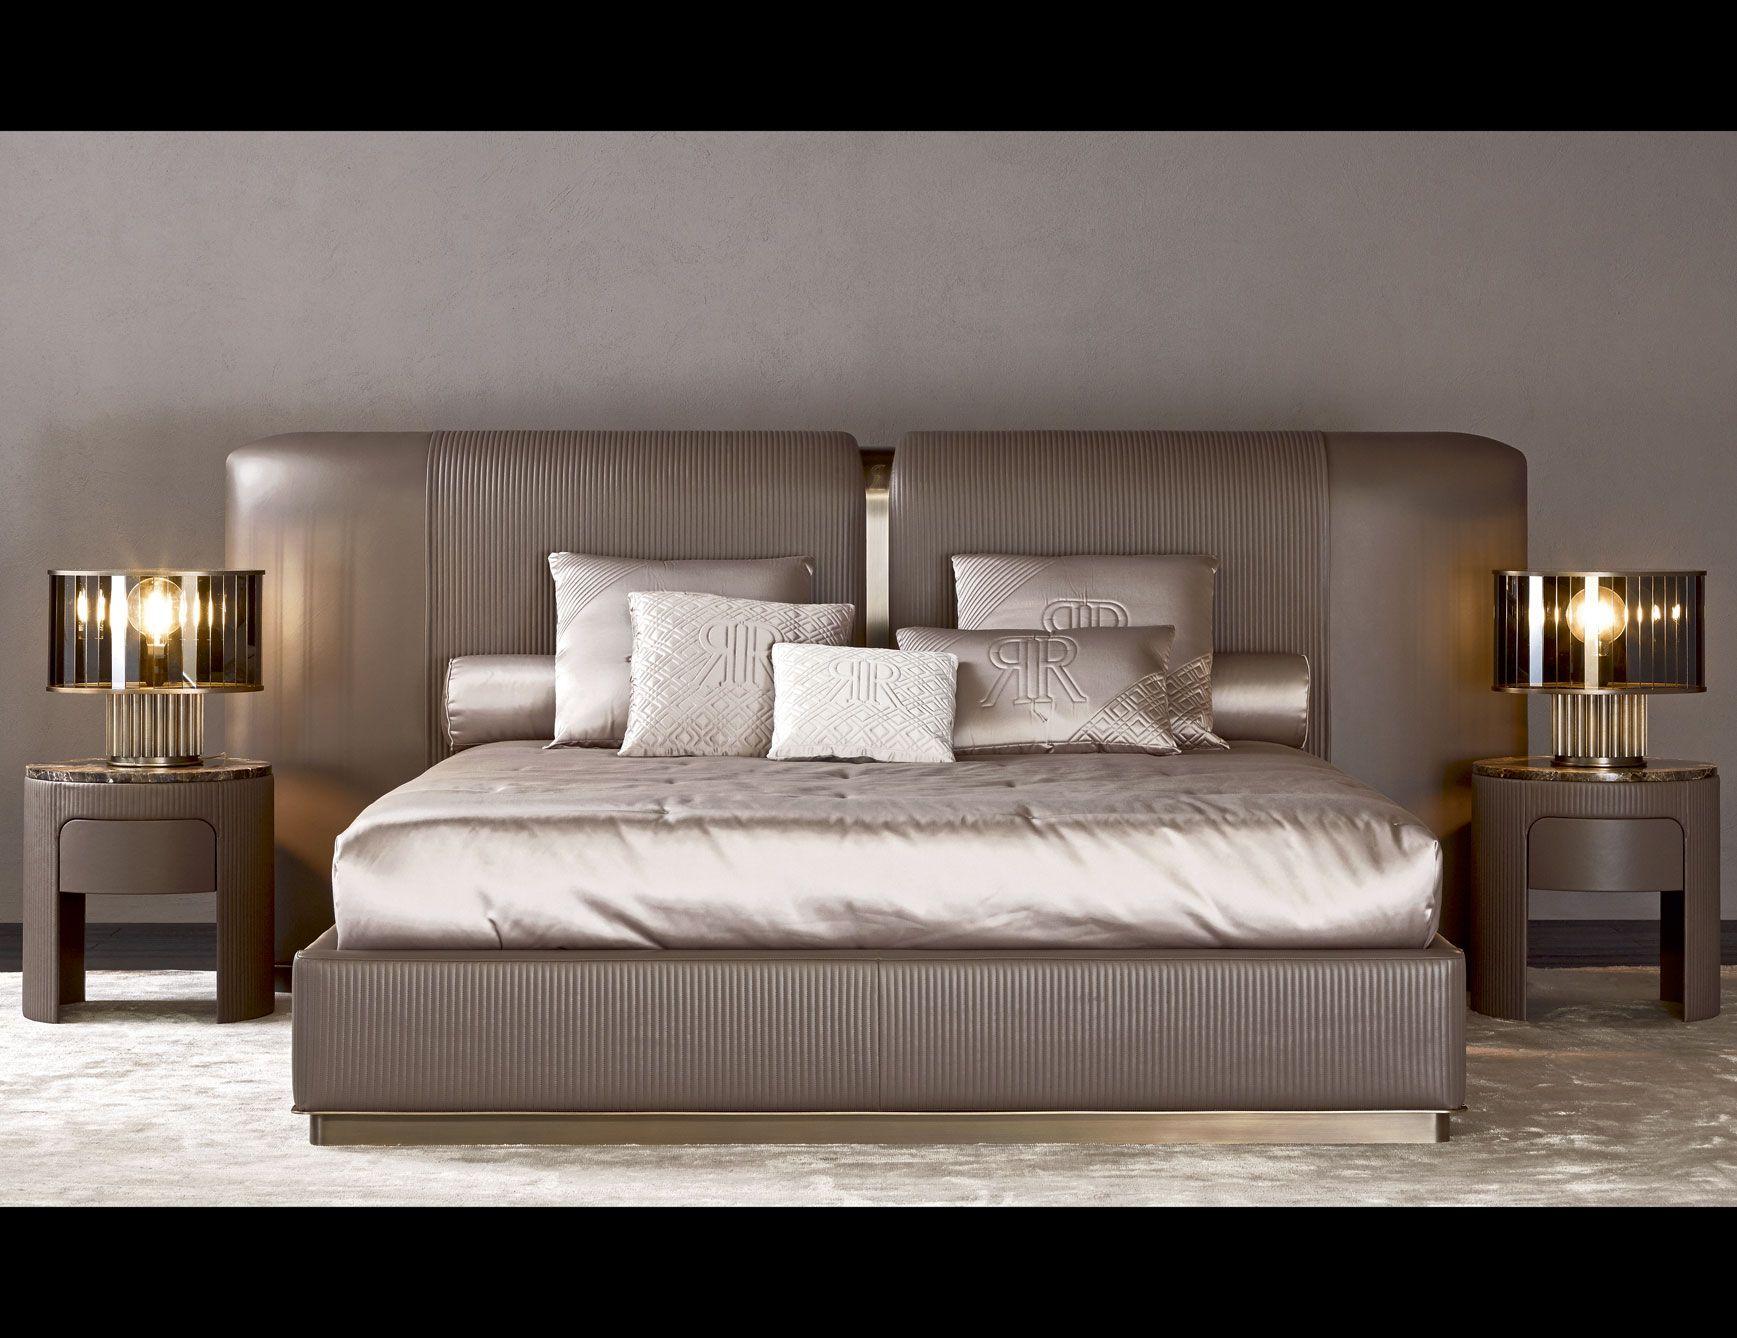 Buying The Luxury Beds In 2020 Bedroom Furniture Brands Italian